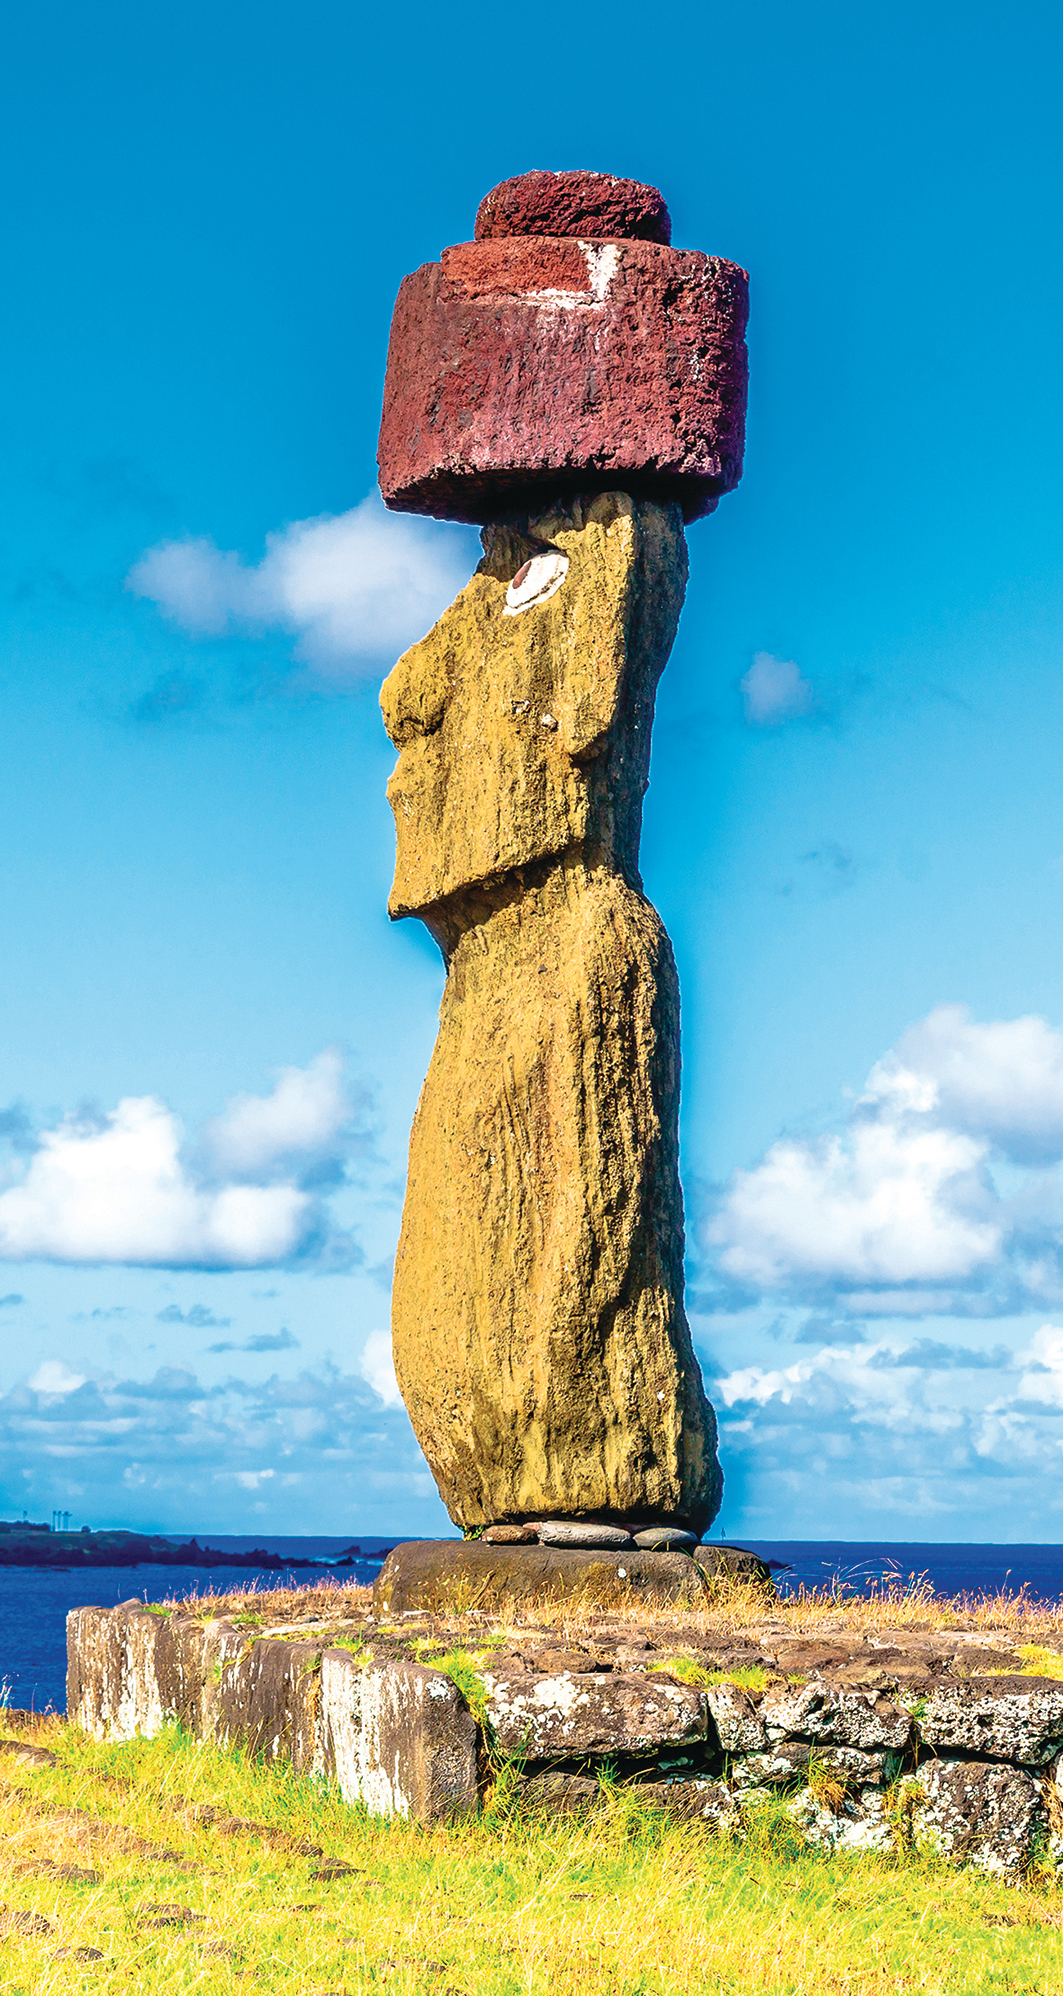 摩埃石像頭上的紅色圓柱形「帽子」(Pukau),重達12噸,是用火山渣做成,代表波利尼西亞族人所戴的紅羽毛頭飾。(takepicsforfun/Shutterstock)